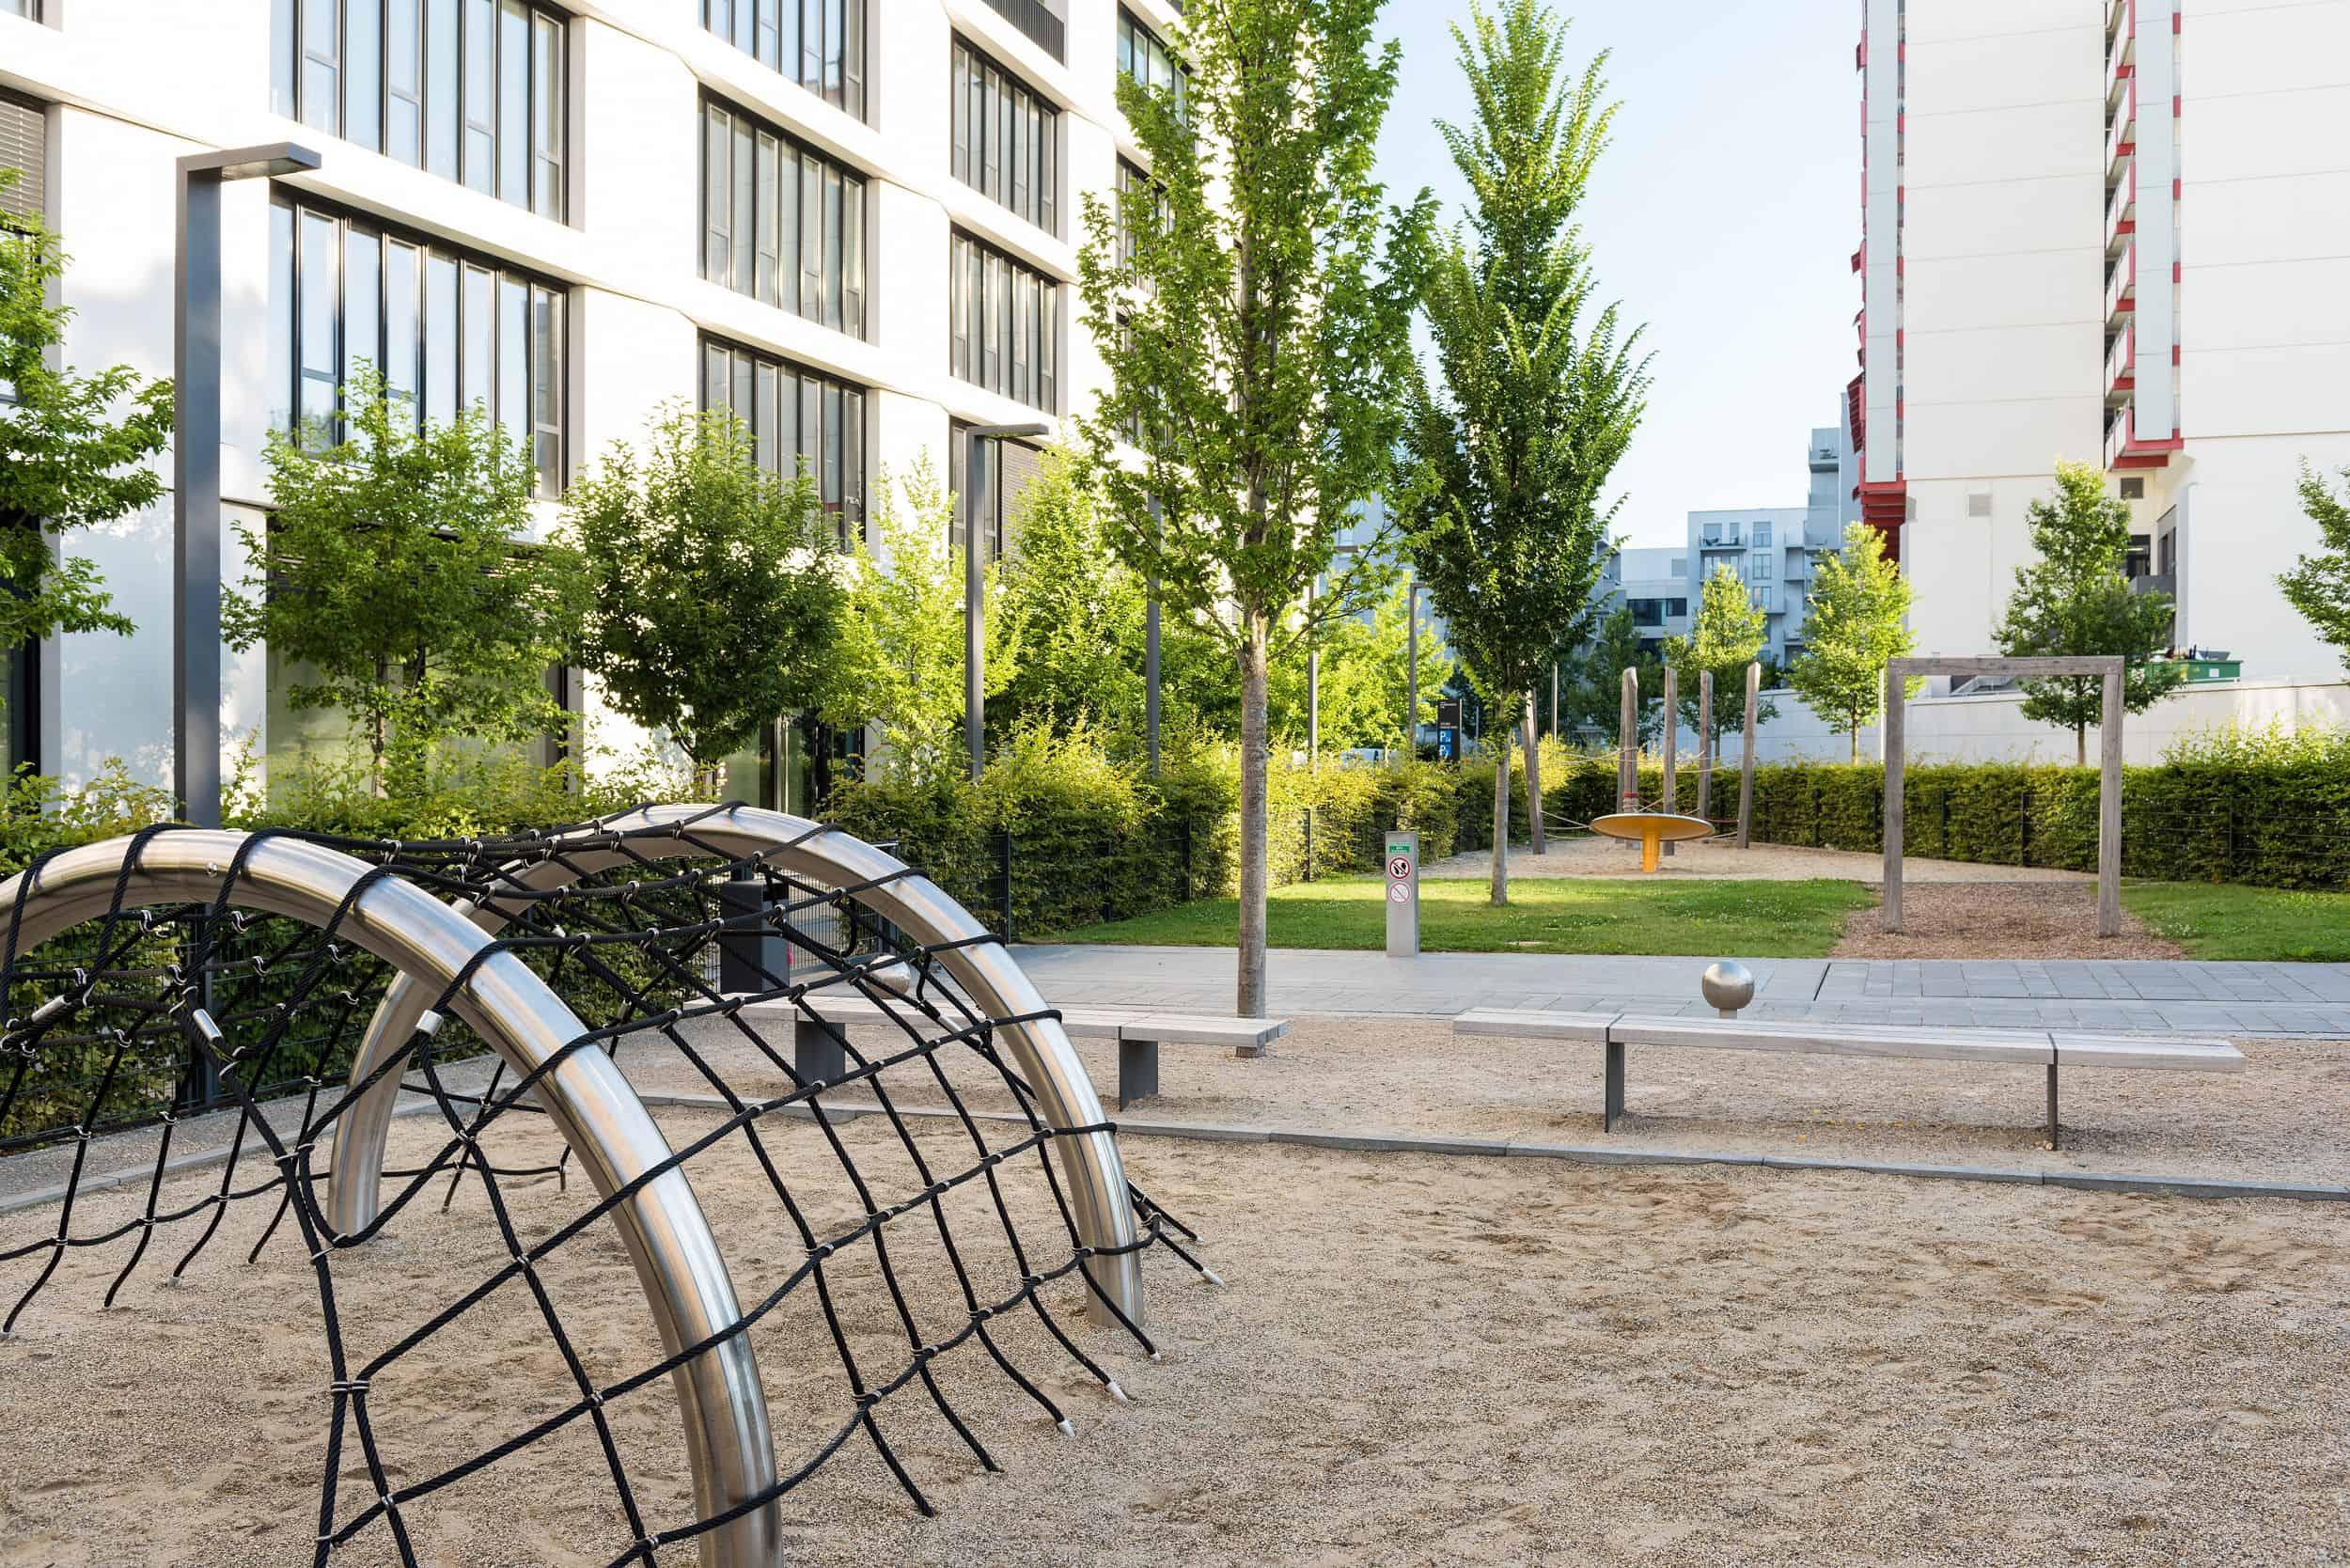 Bild: Spiellandschaft im Norden des Quartiers, direkt angrenzend an die öffentlichen Umfeldflächen (c) Johann Hinrichs Photography